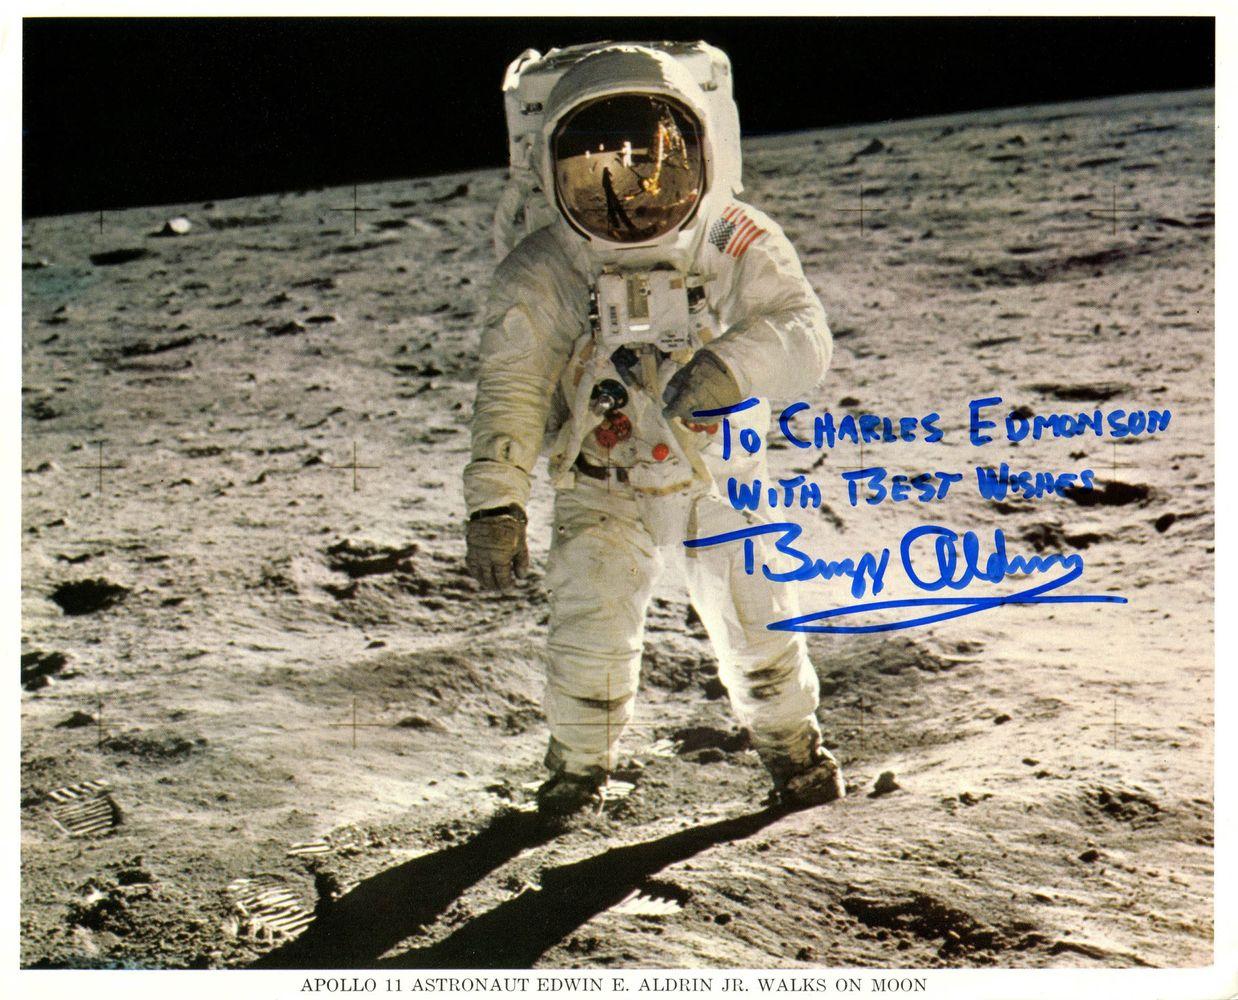 Space Exploration - Buzz Aldrin - Images   PSA AutographFacts™